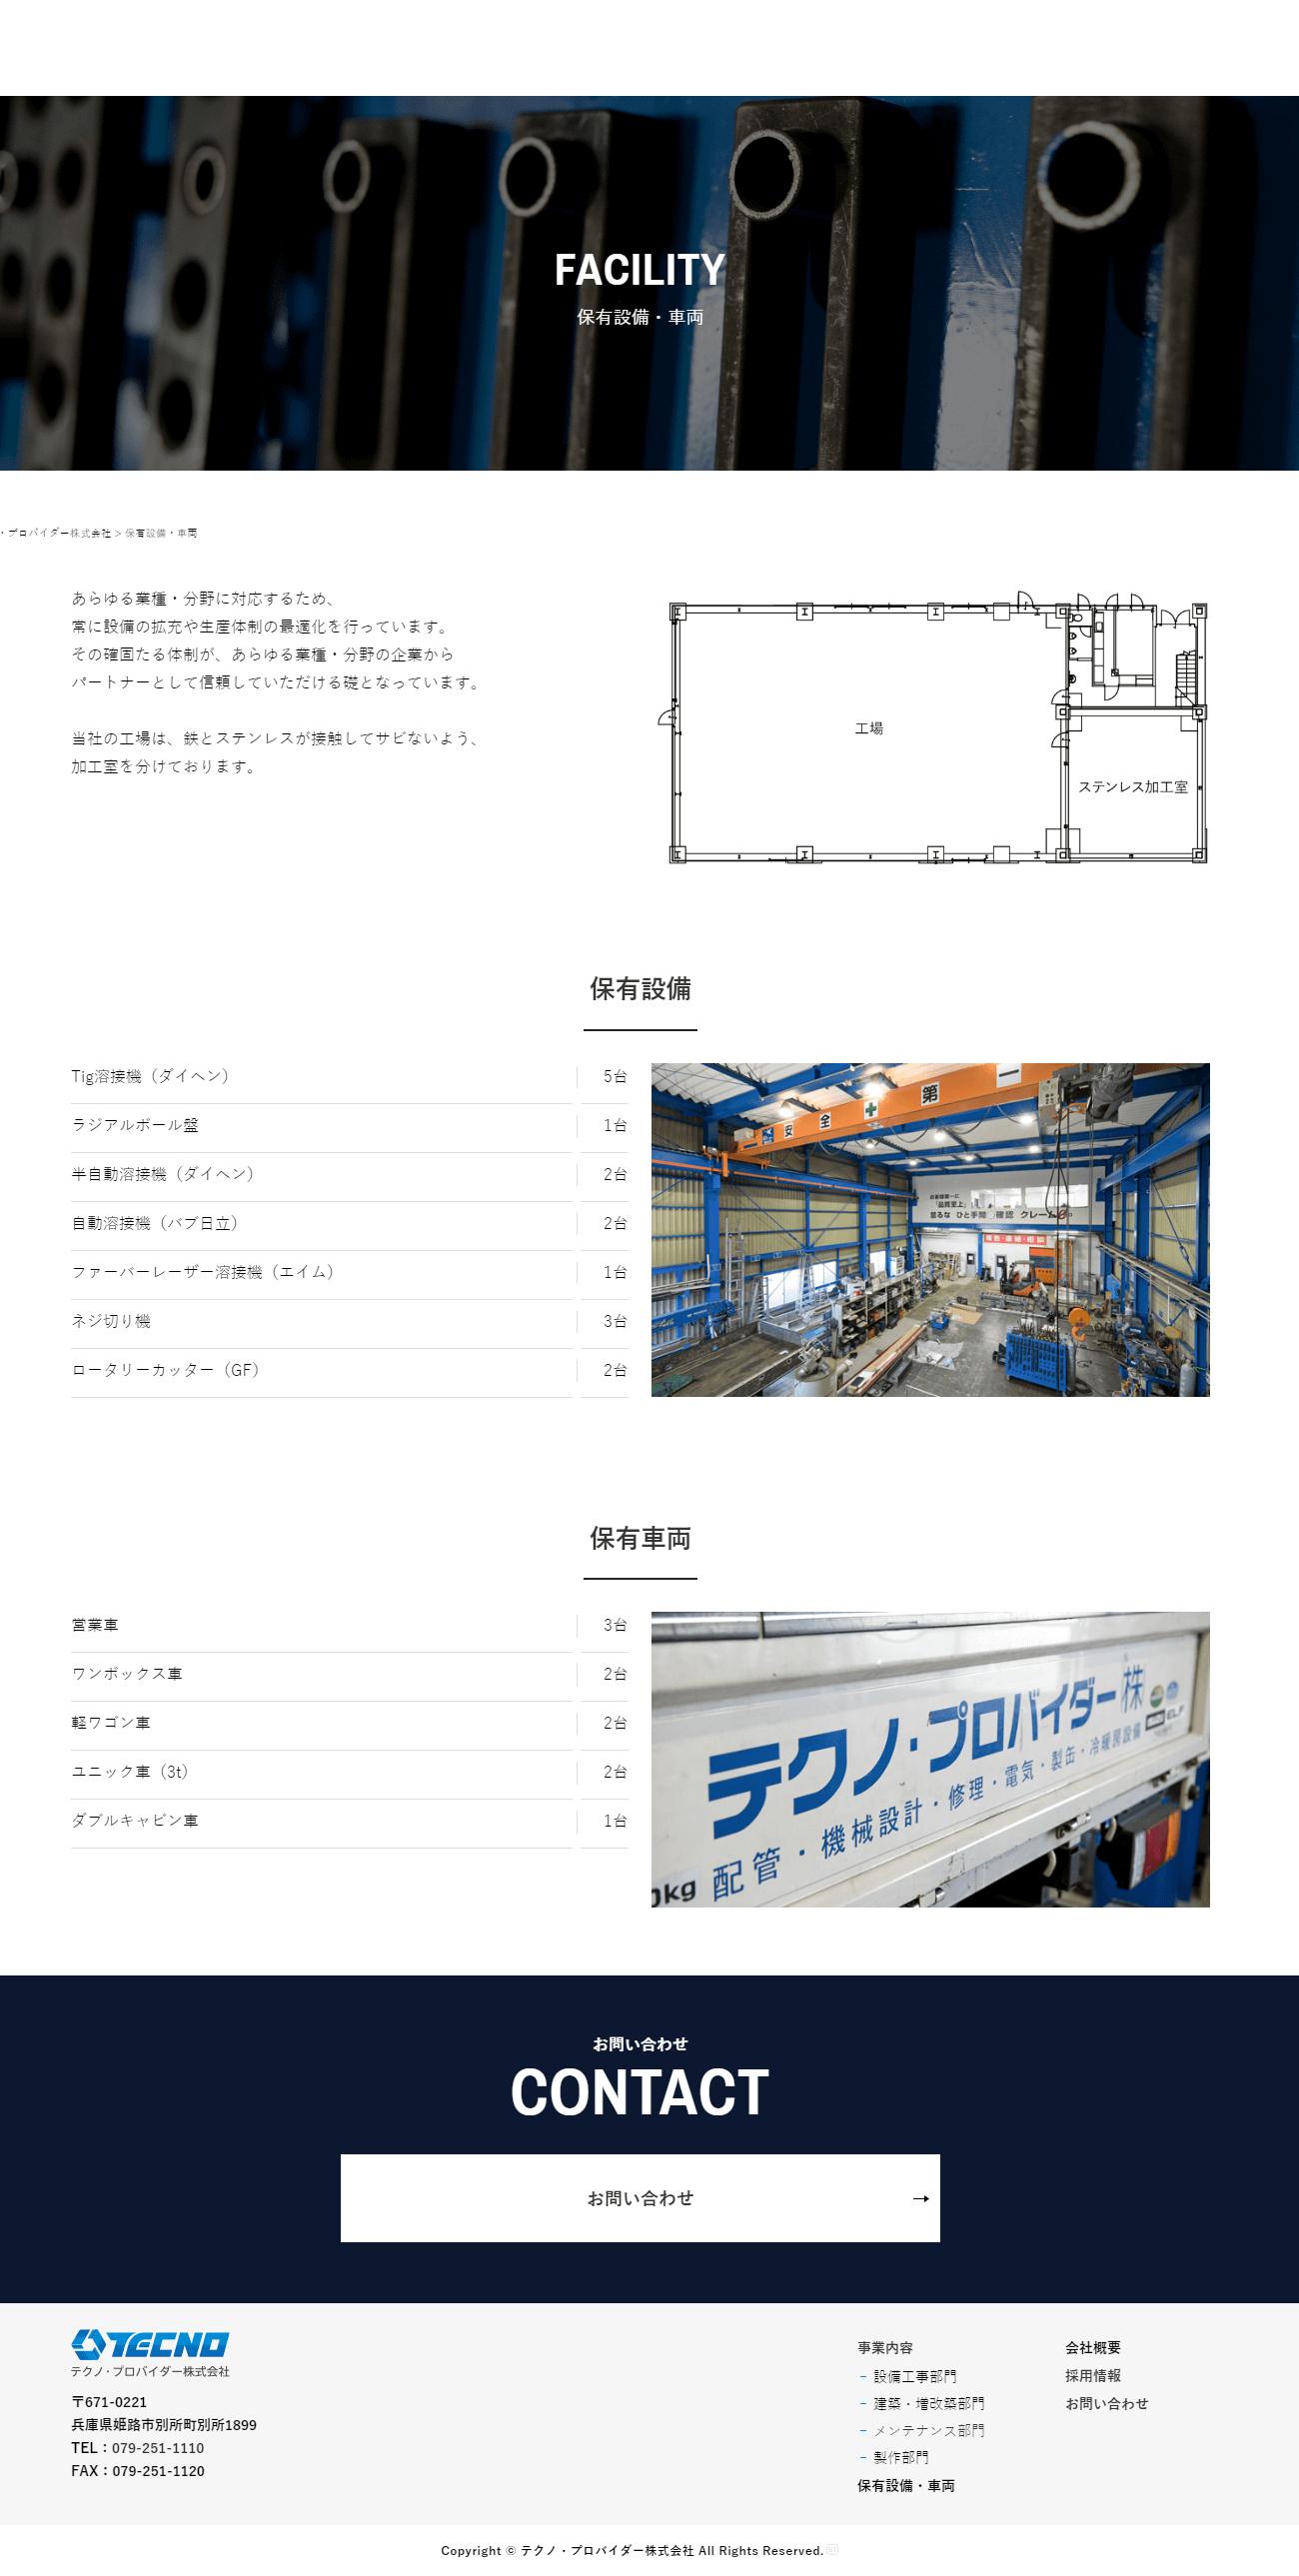 姫路市 テクノ・プロバイダー株式会社 ホームページ制作2